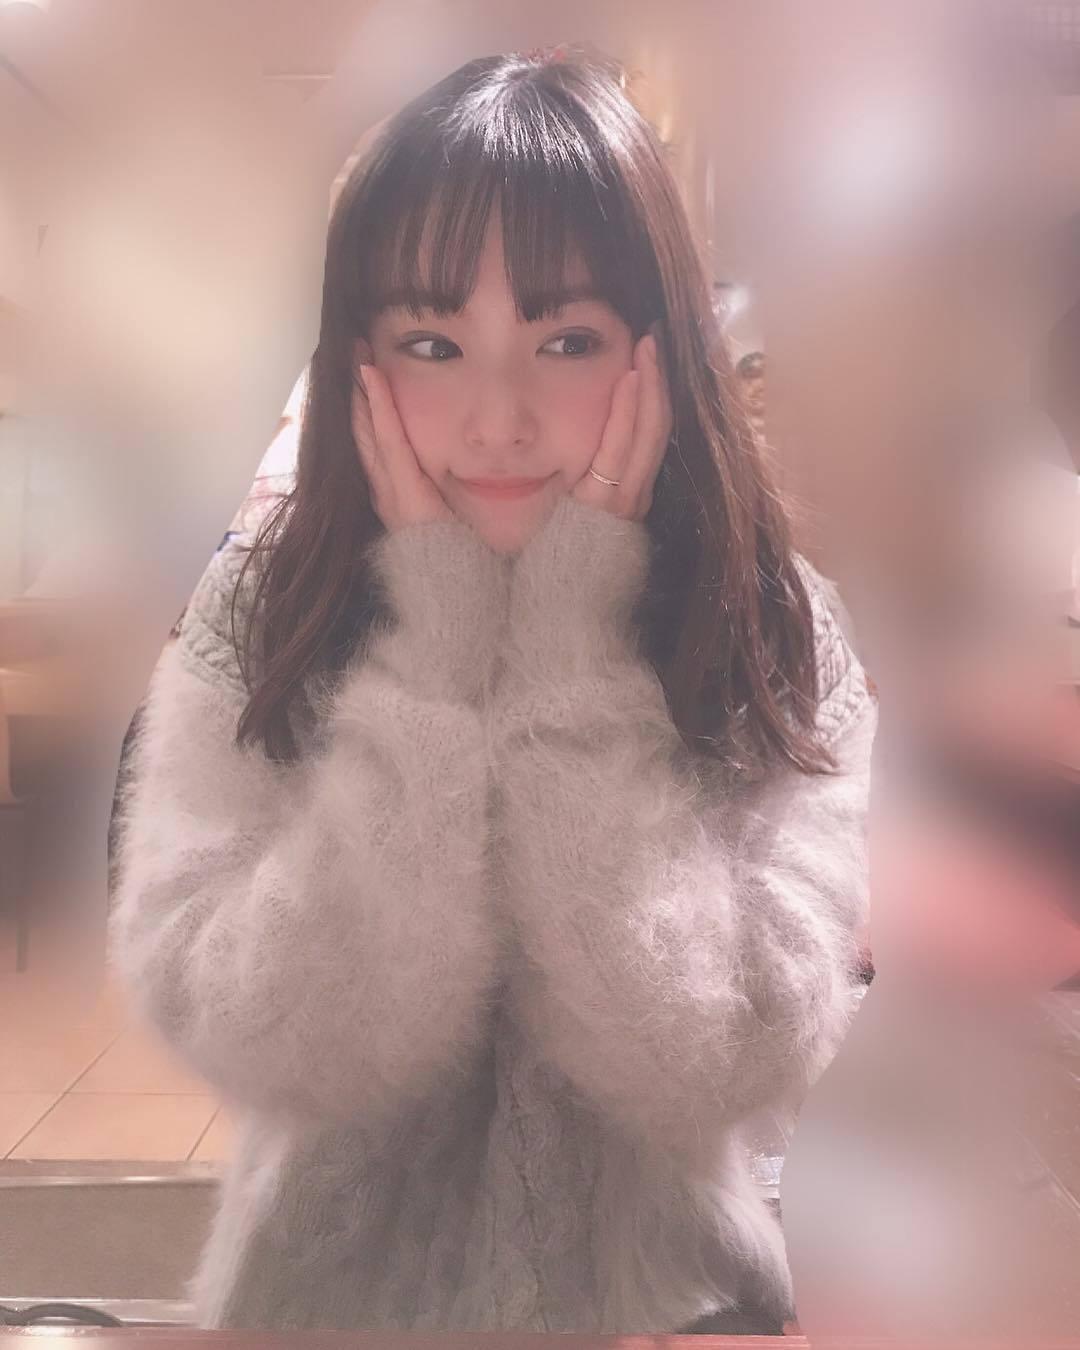 偶像近藤里奈,超清新笑容却拍了性感写真 网络美女 第16张